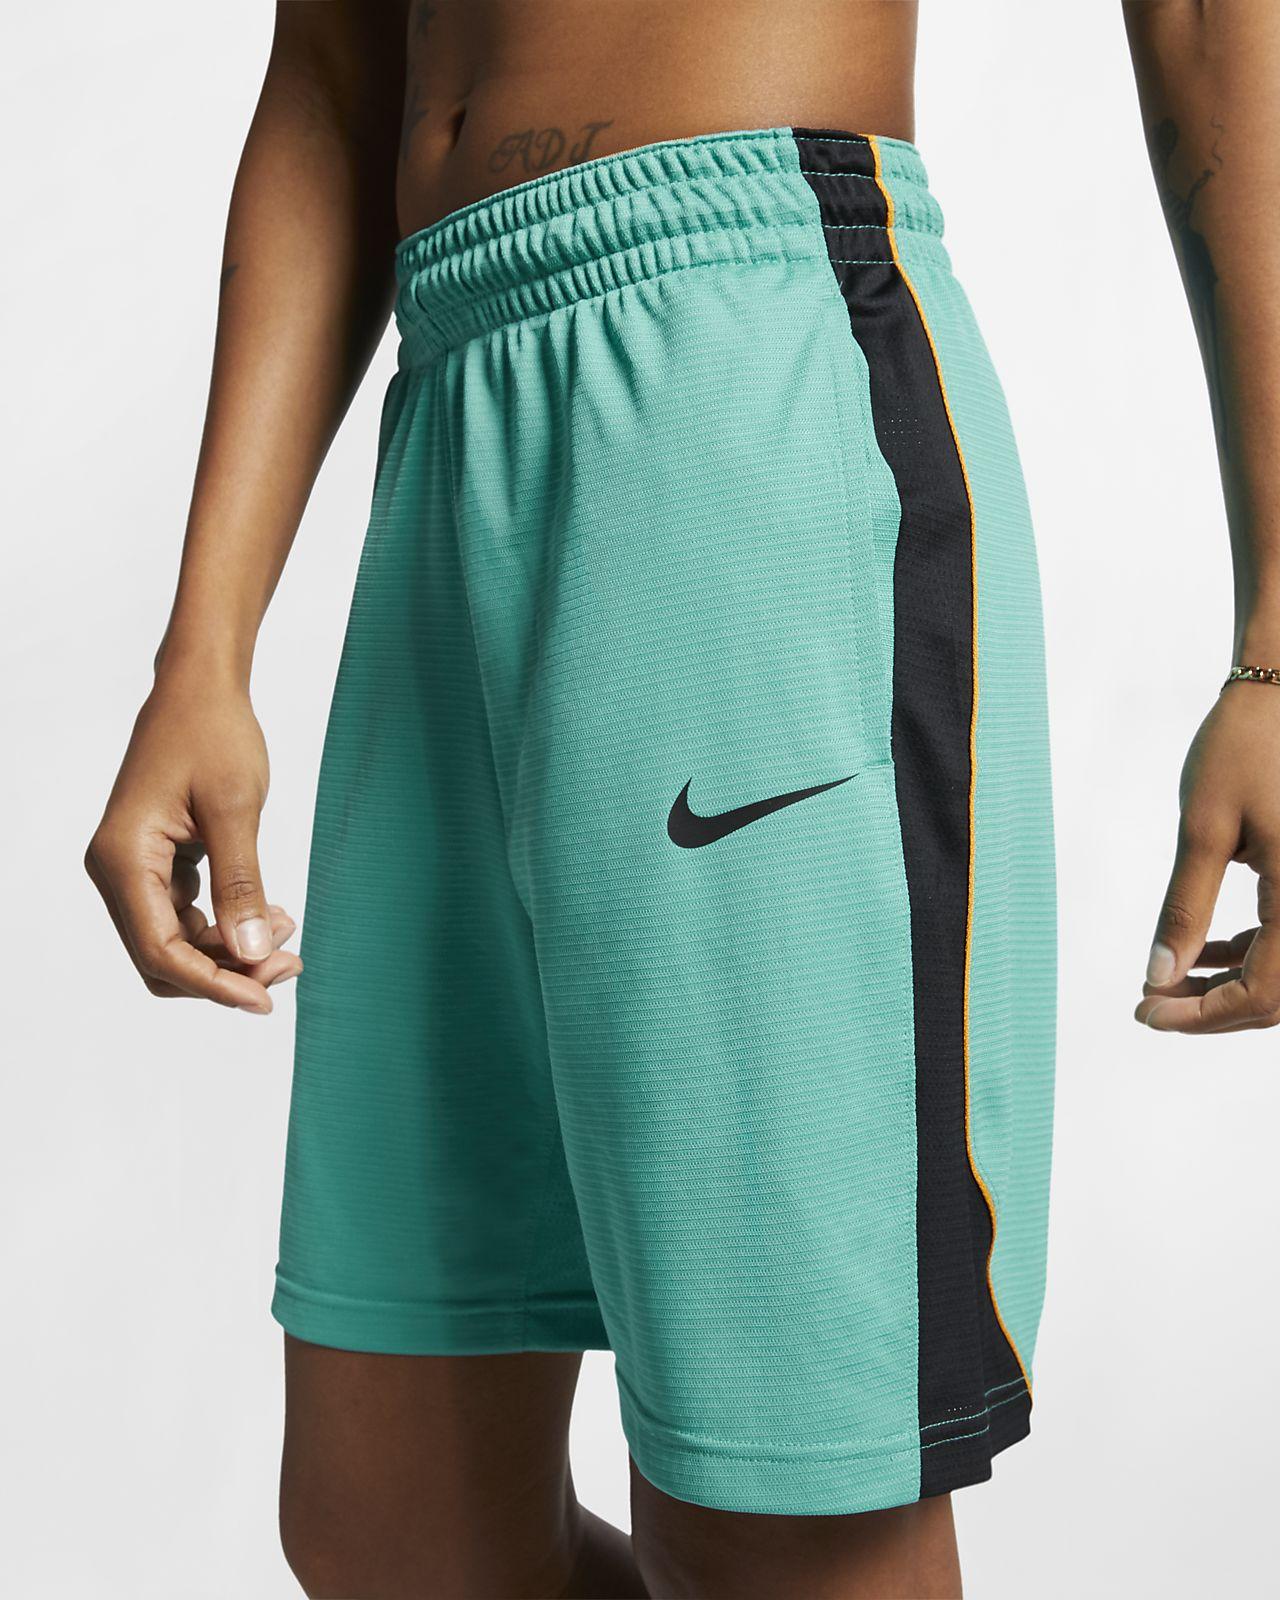 Женские баскетбольные шорты Nike Dry Essential 25,5 см